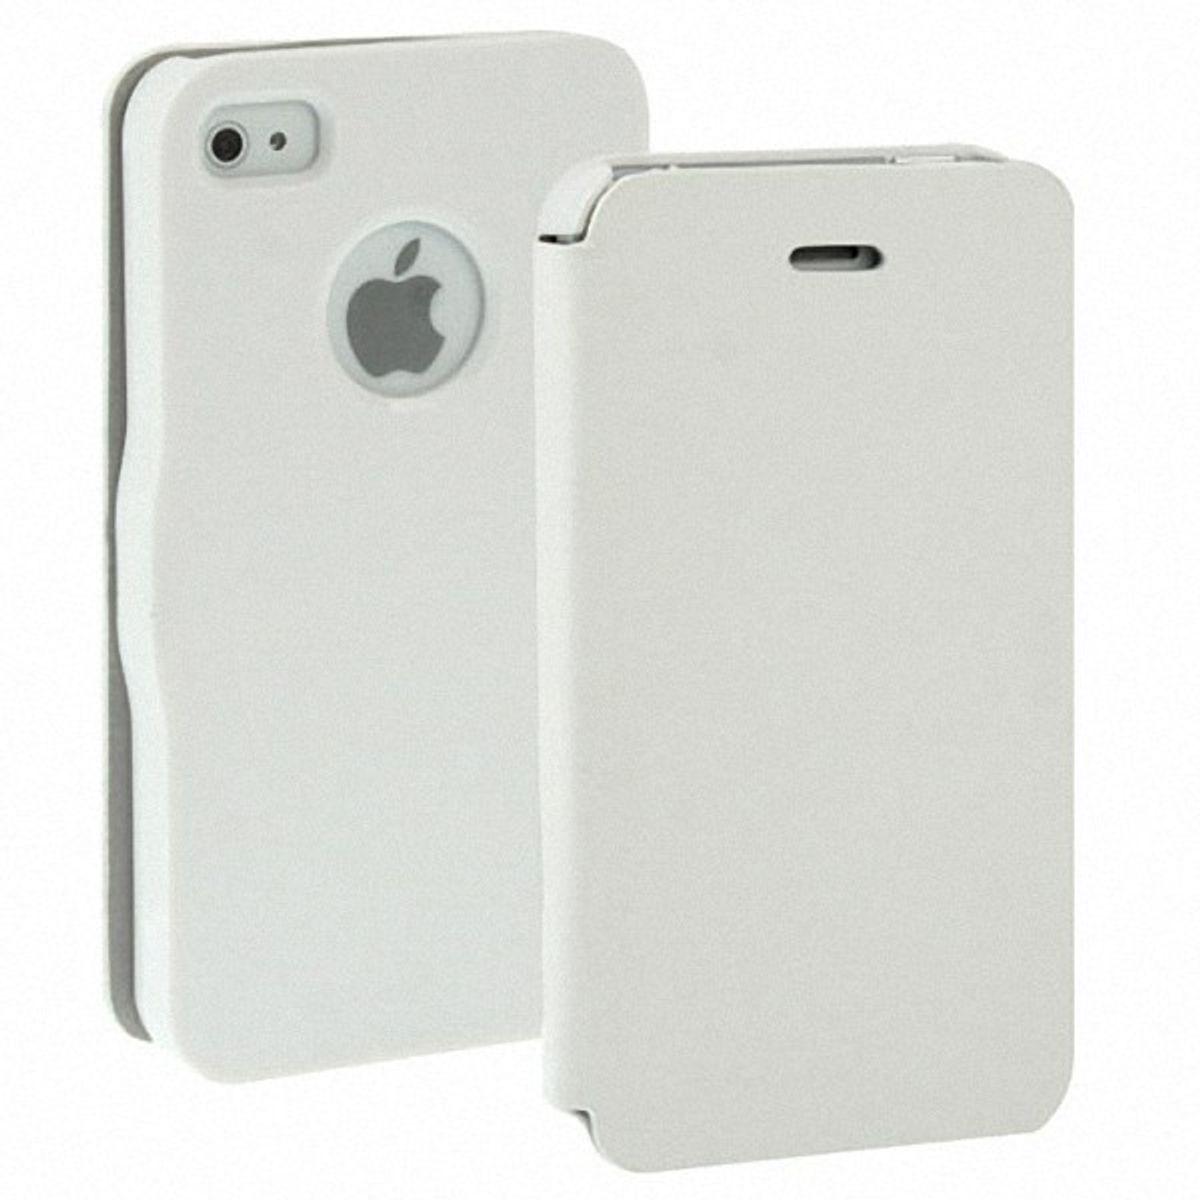 Schutzhülle Quer Case für Handy Apple iPhone 4 / 4s Weiß